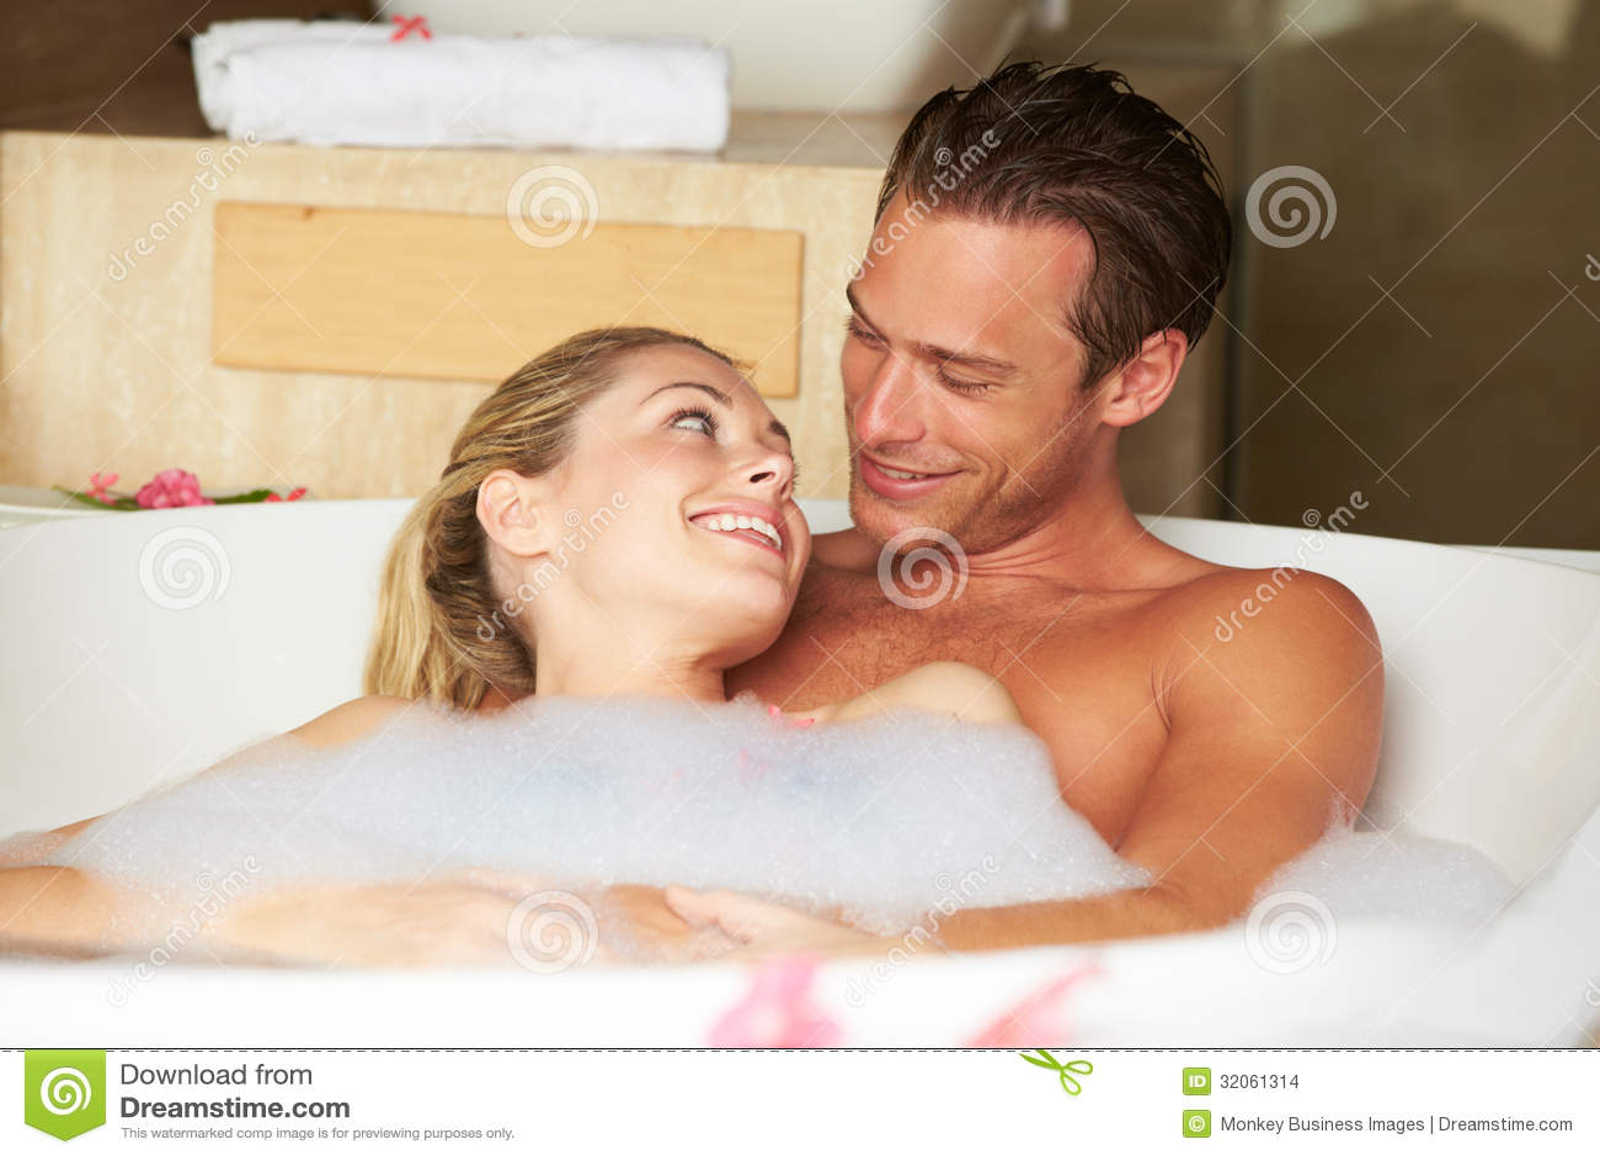 Принимают ванну вместе 17 фотография